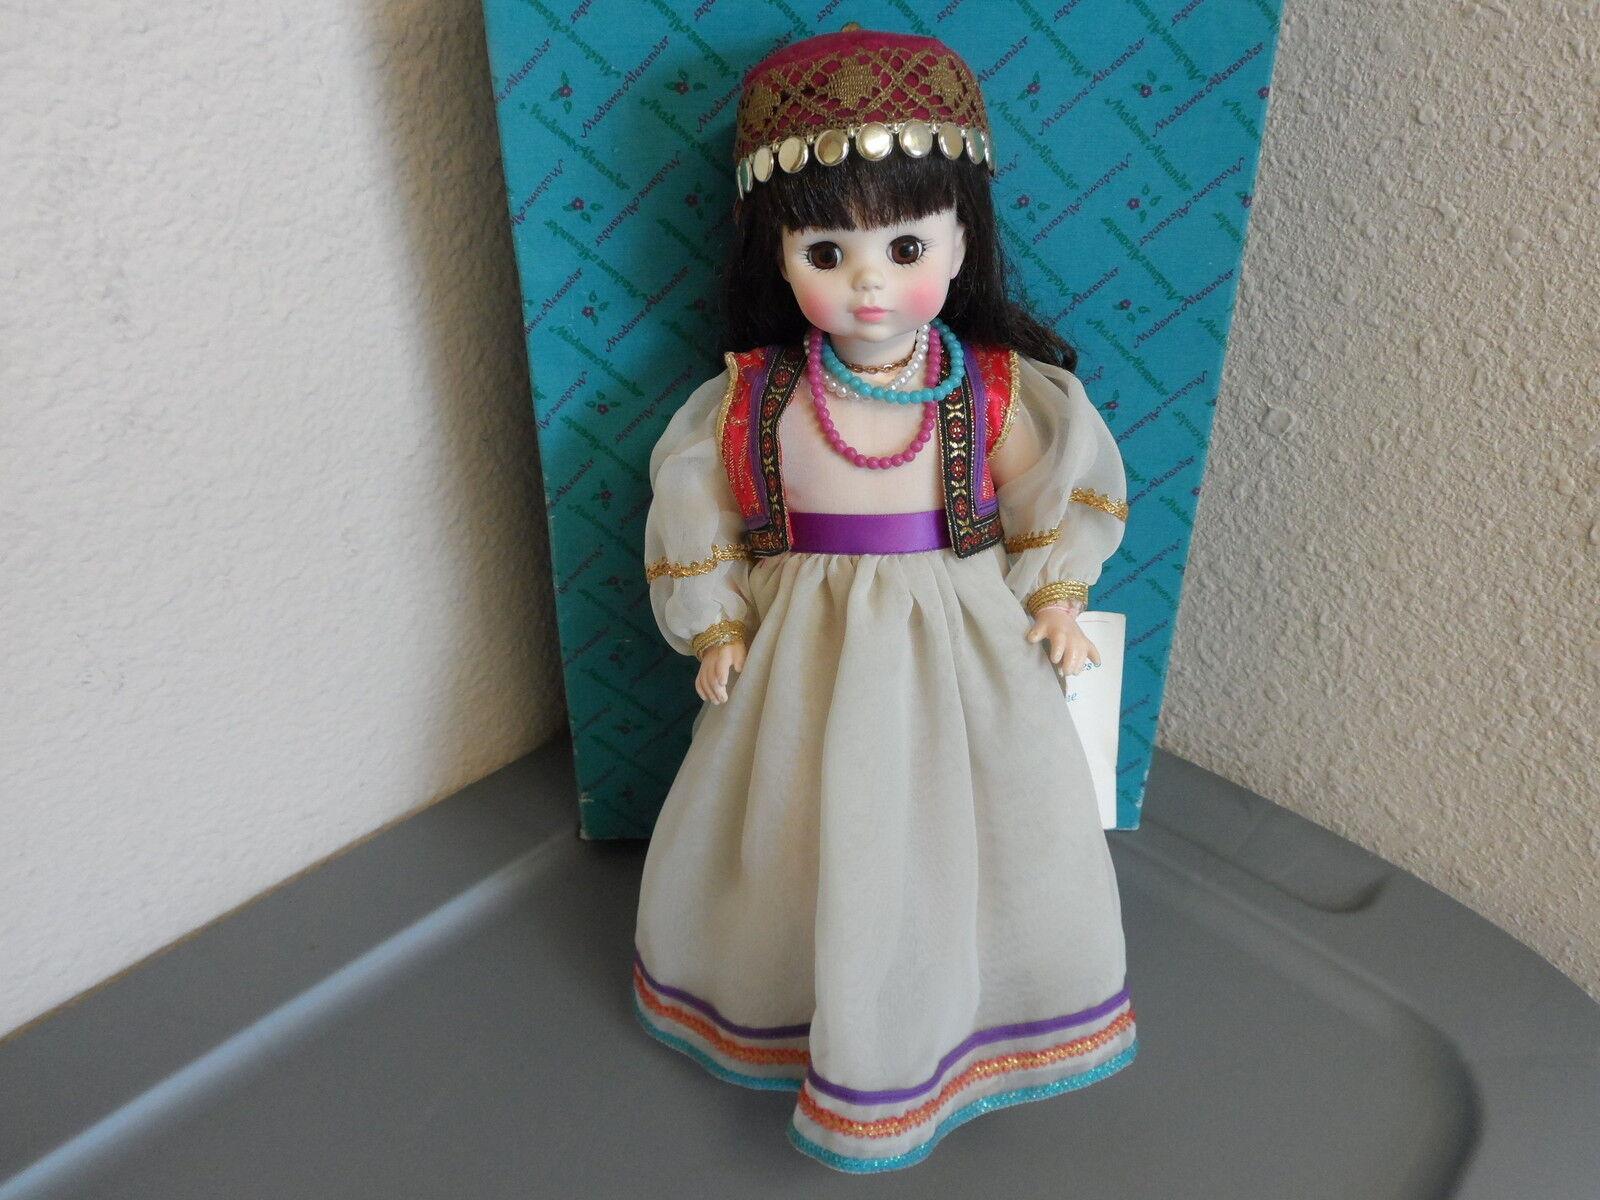 Madame Alexander Muñeca Vintage 1966 Salome 14  caja original y etiquetas de la serie de ópera